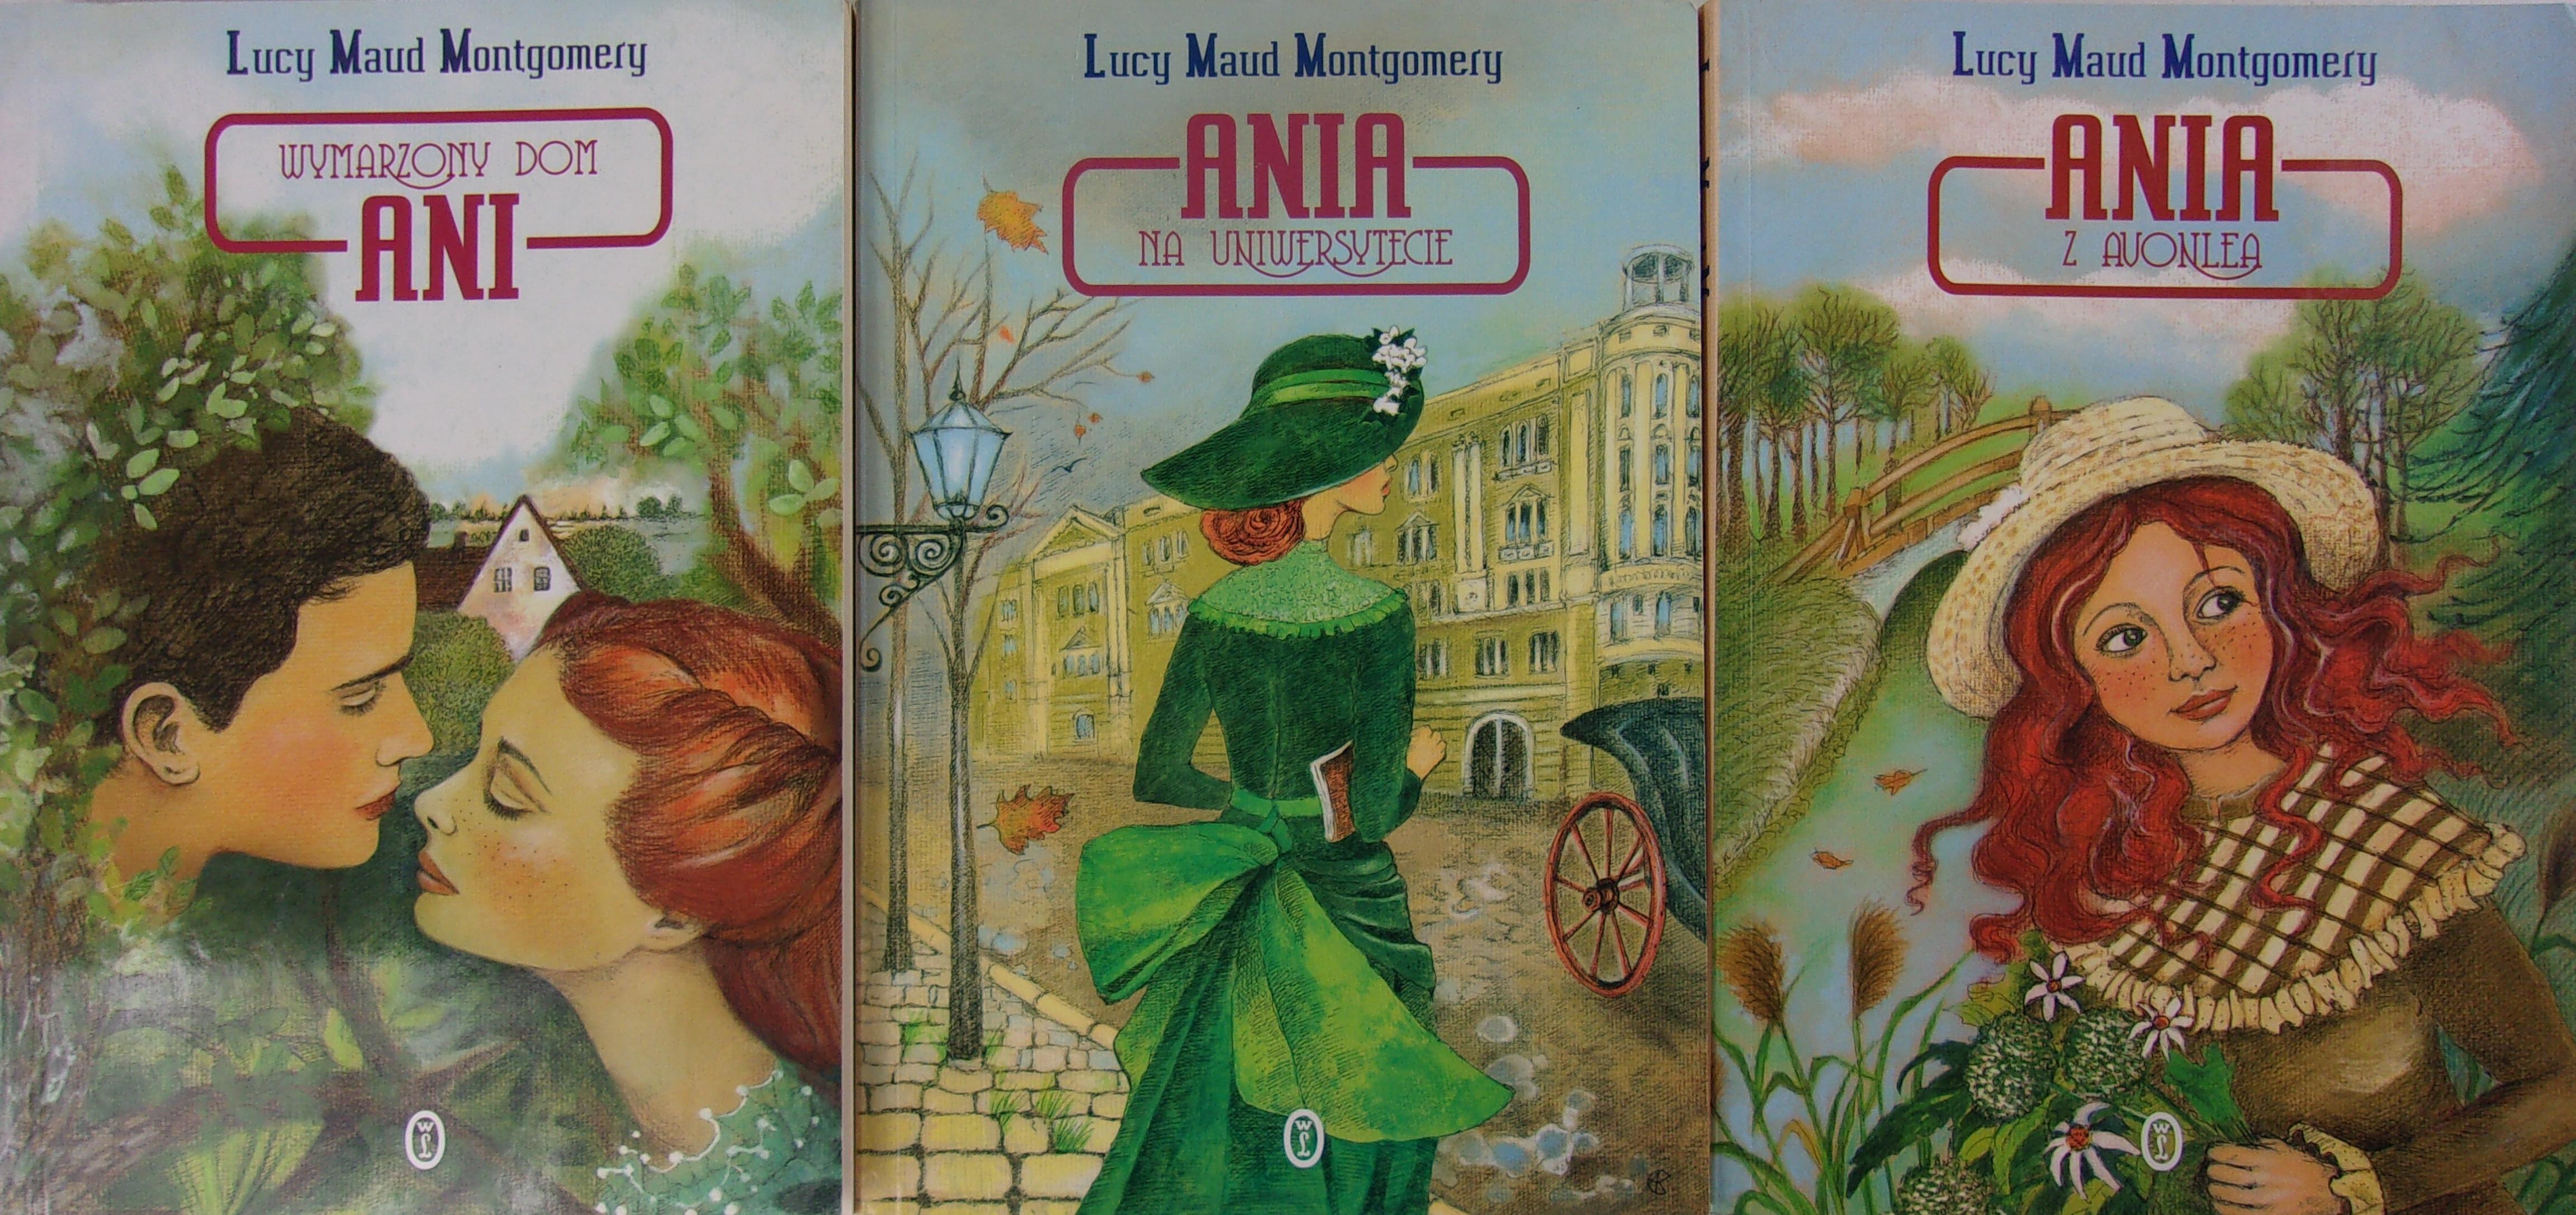 a6ca7f801f439 Ania na uniwersytecie/ Ania z Avonlea/Wymarzony Dom Ani - Lucy Maud ...